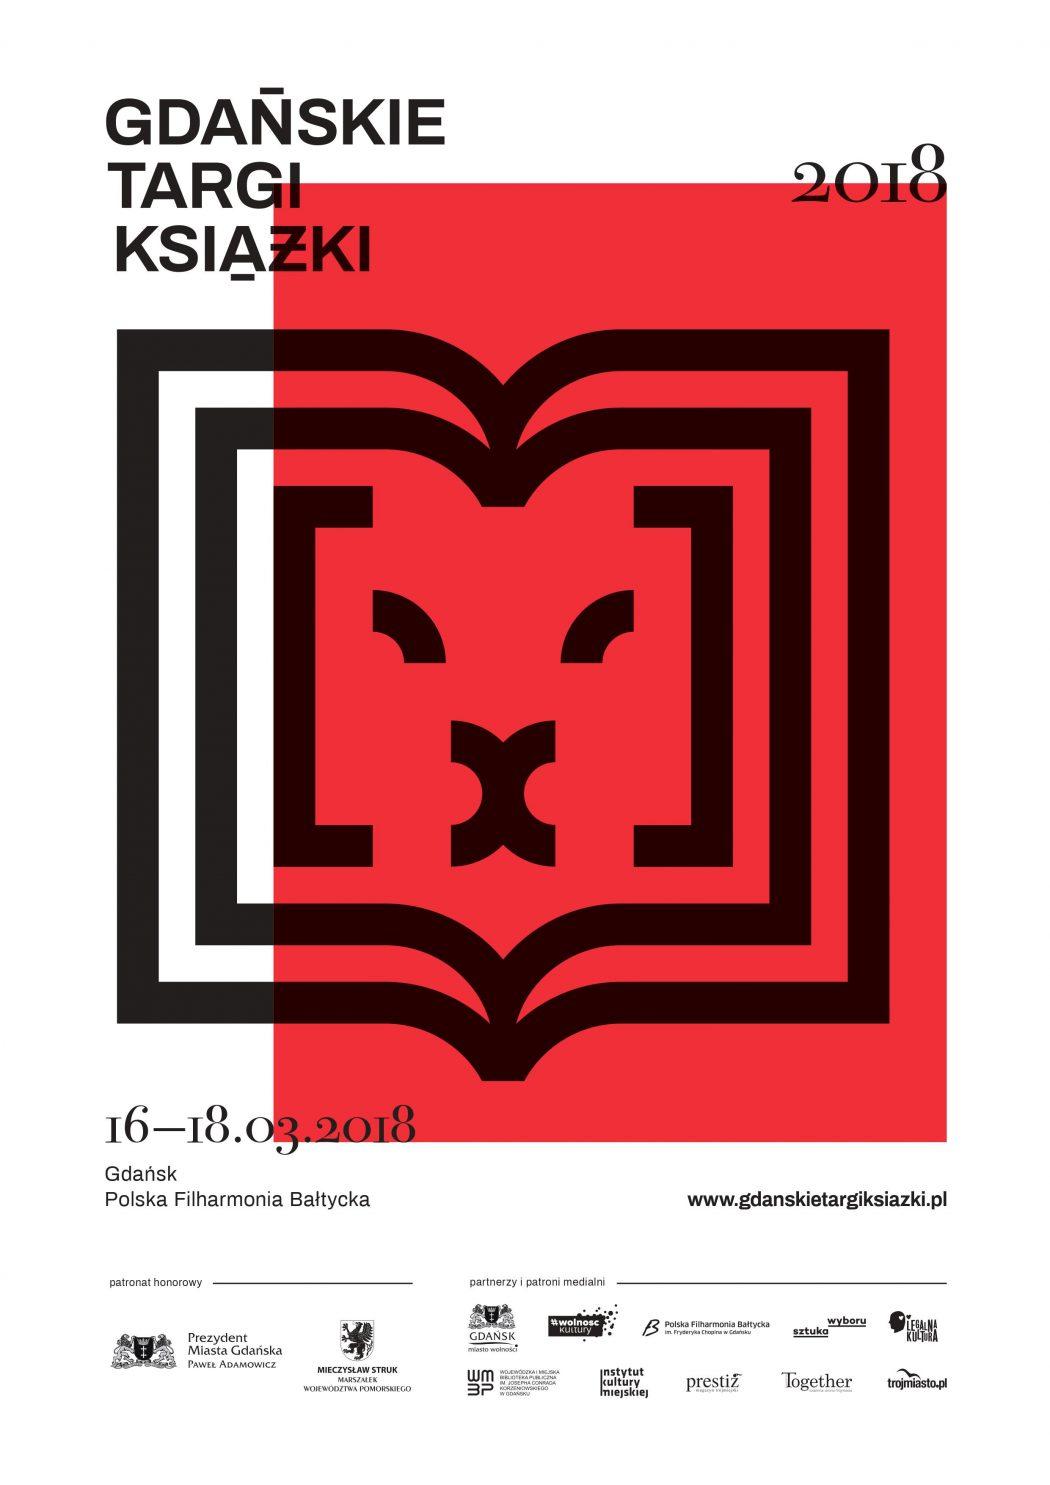 magazynkobiet.pl - 0001 1050x1485 - Gdańskie Targi Książki